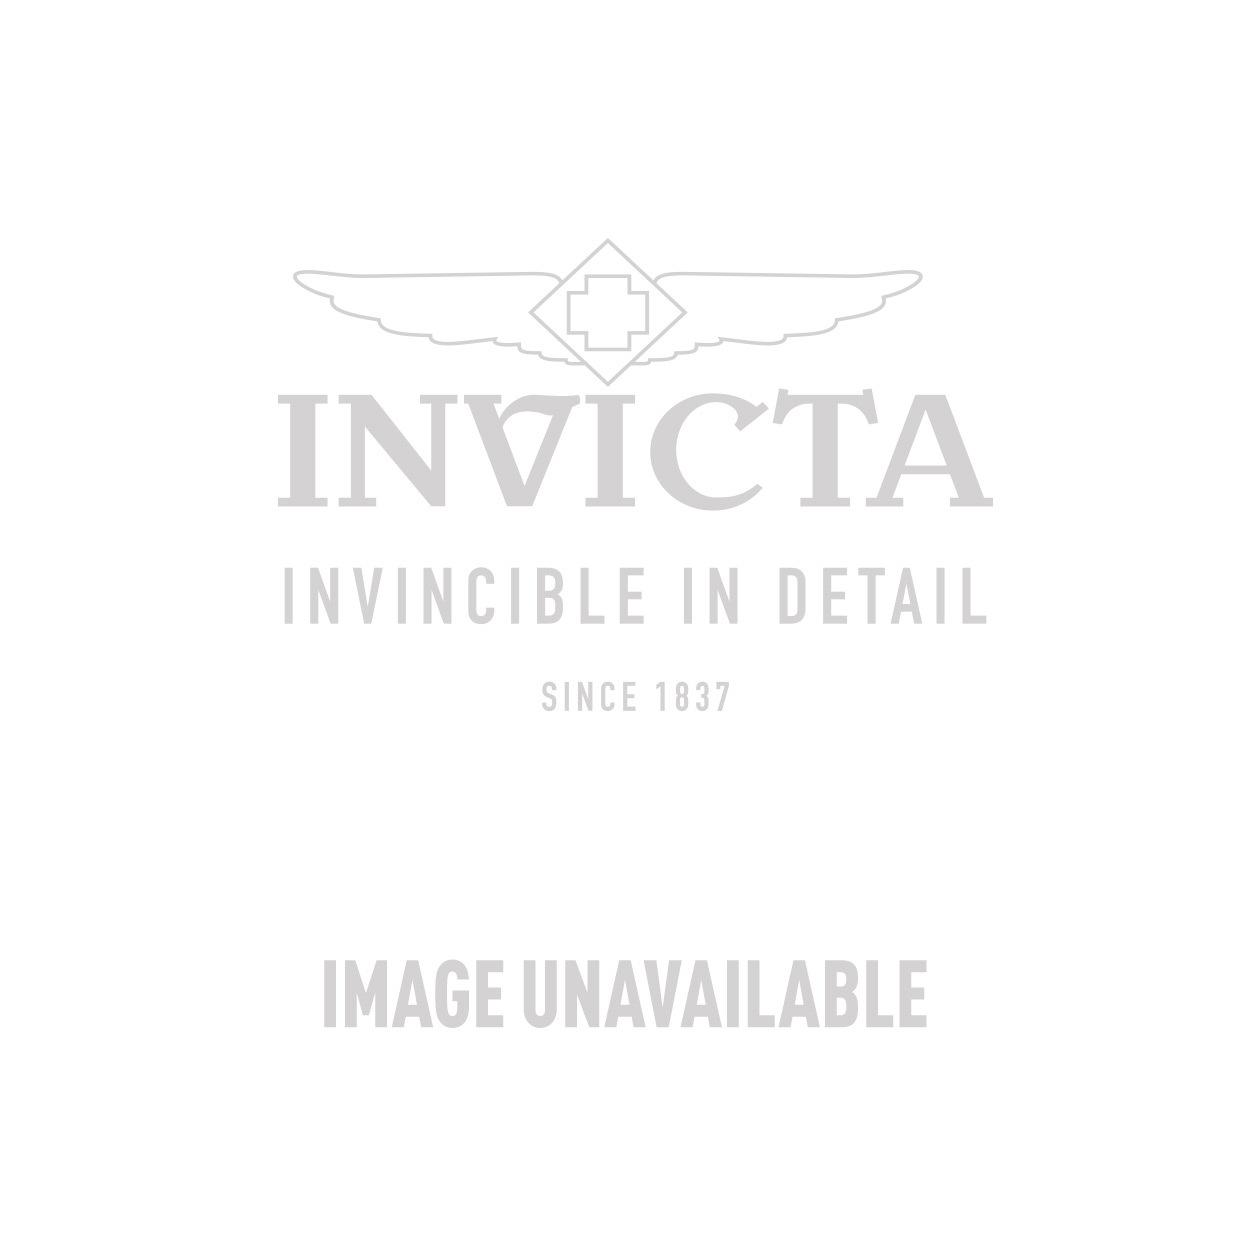 Invicta Model 24569